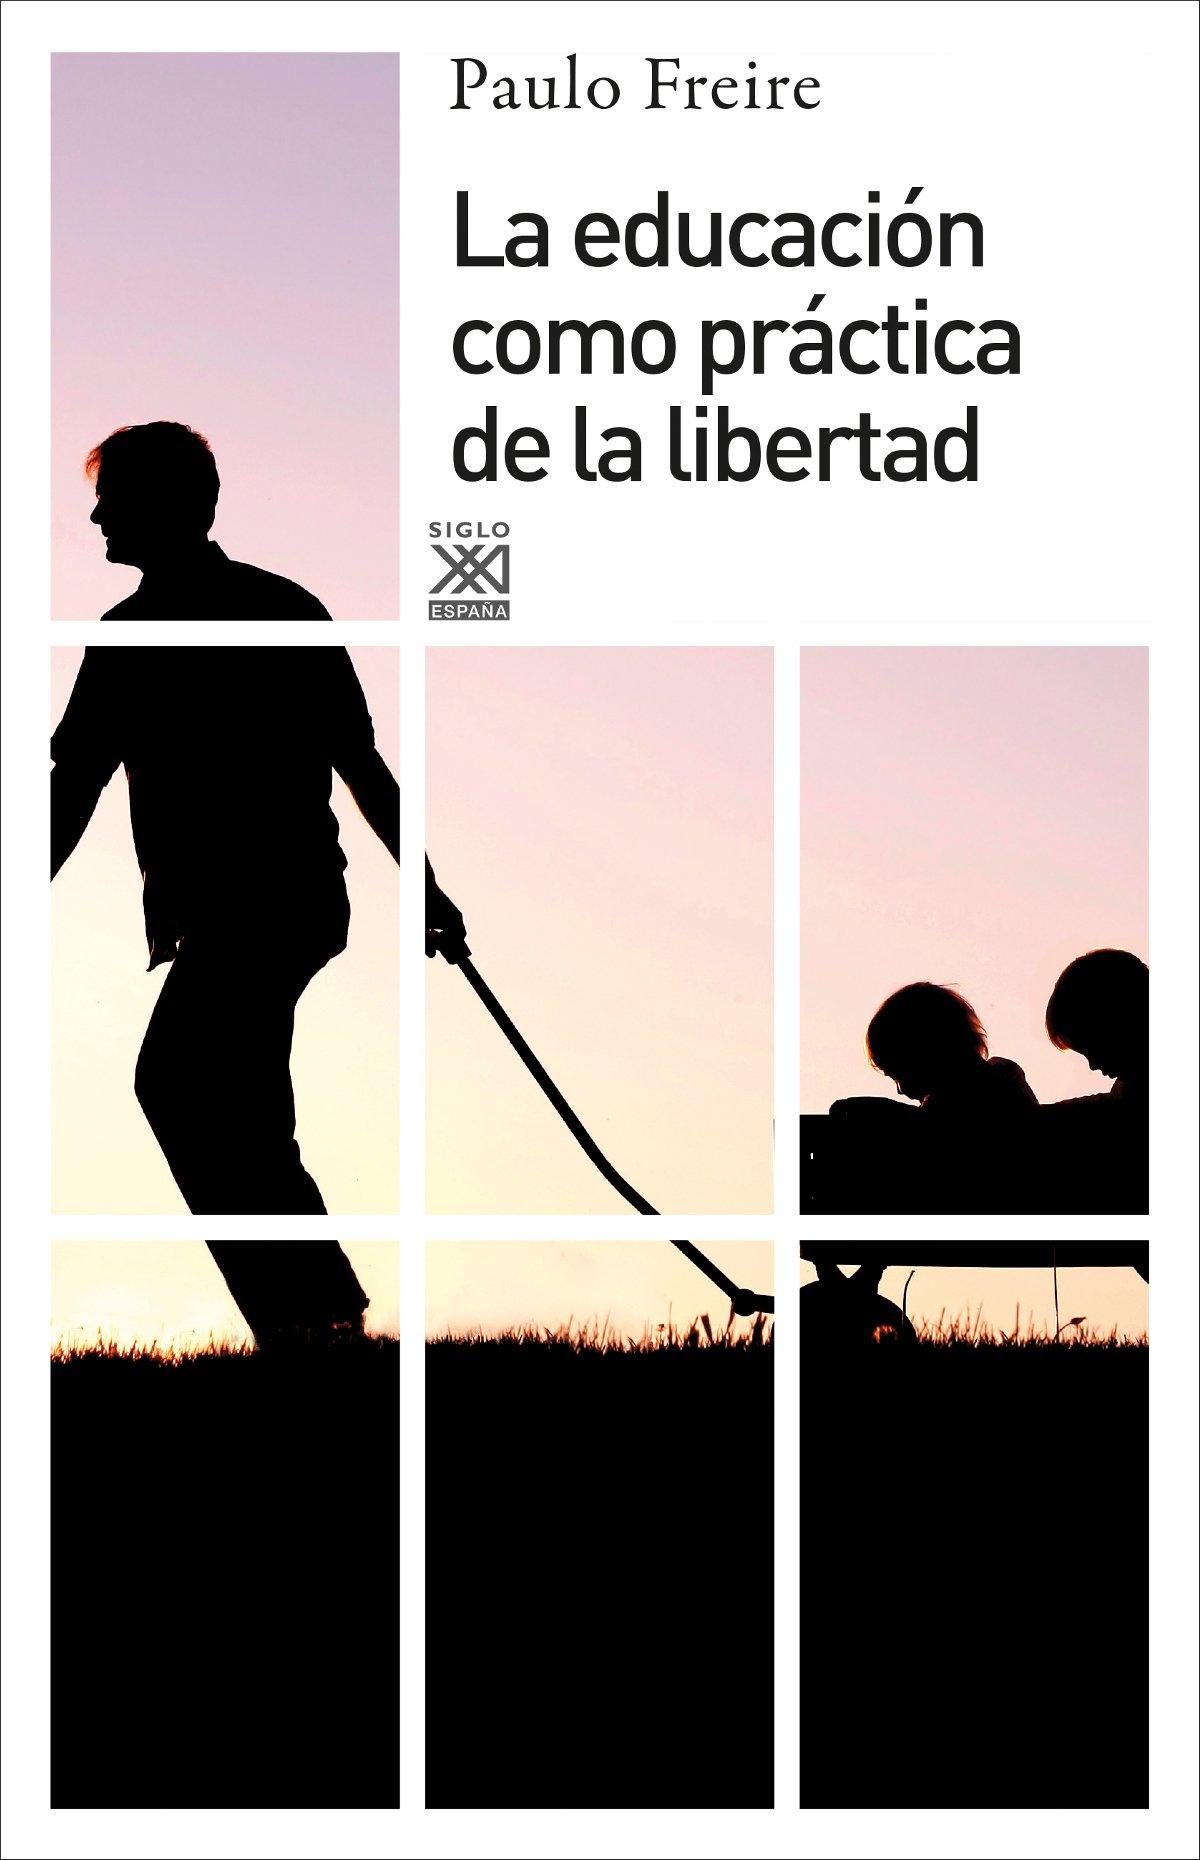 La educación como práctica de la libertad: 11 Siglo XXI de España General: Amazon.es: Freire, Paulo, Pates, Simon, Barreiro, Julio, Ronzoni, Lilién: Libros